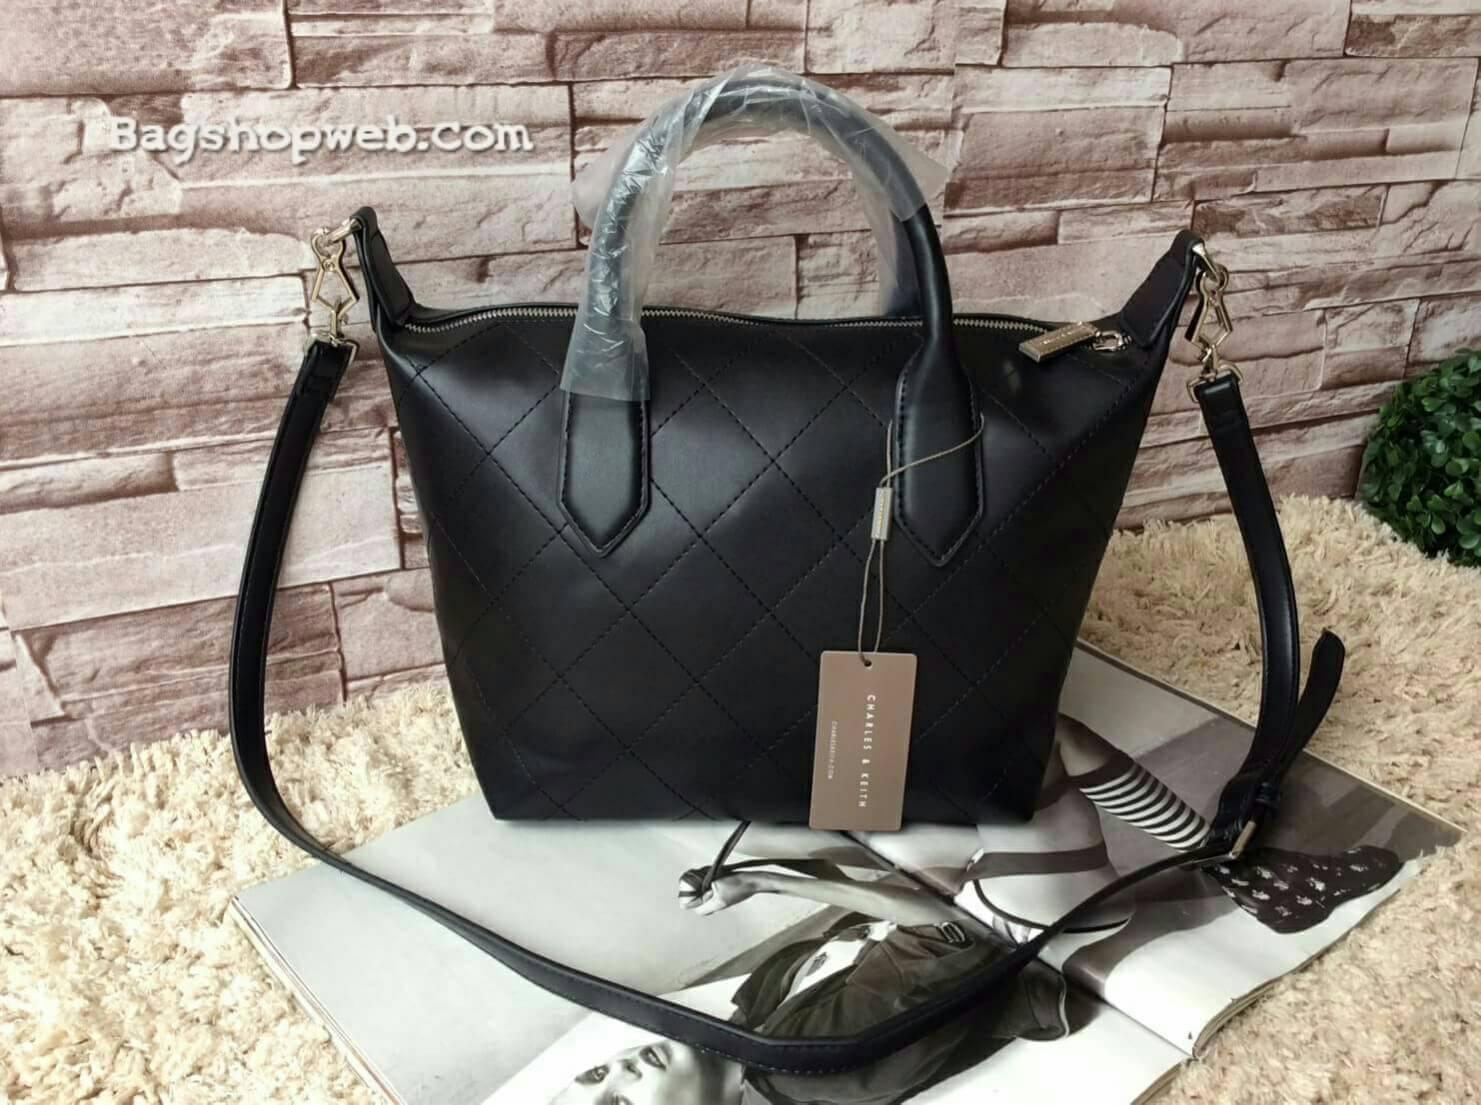 """กระเป๋า CHARLES&KEITH CASUAL SHOPPER กระเป๋าสะพายรุ่นยอดนิยมดีไซน์สวยน่าใช้สไตล์ """"Longchamp"""""""